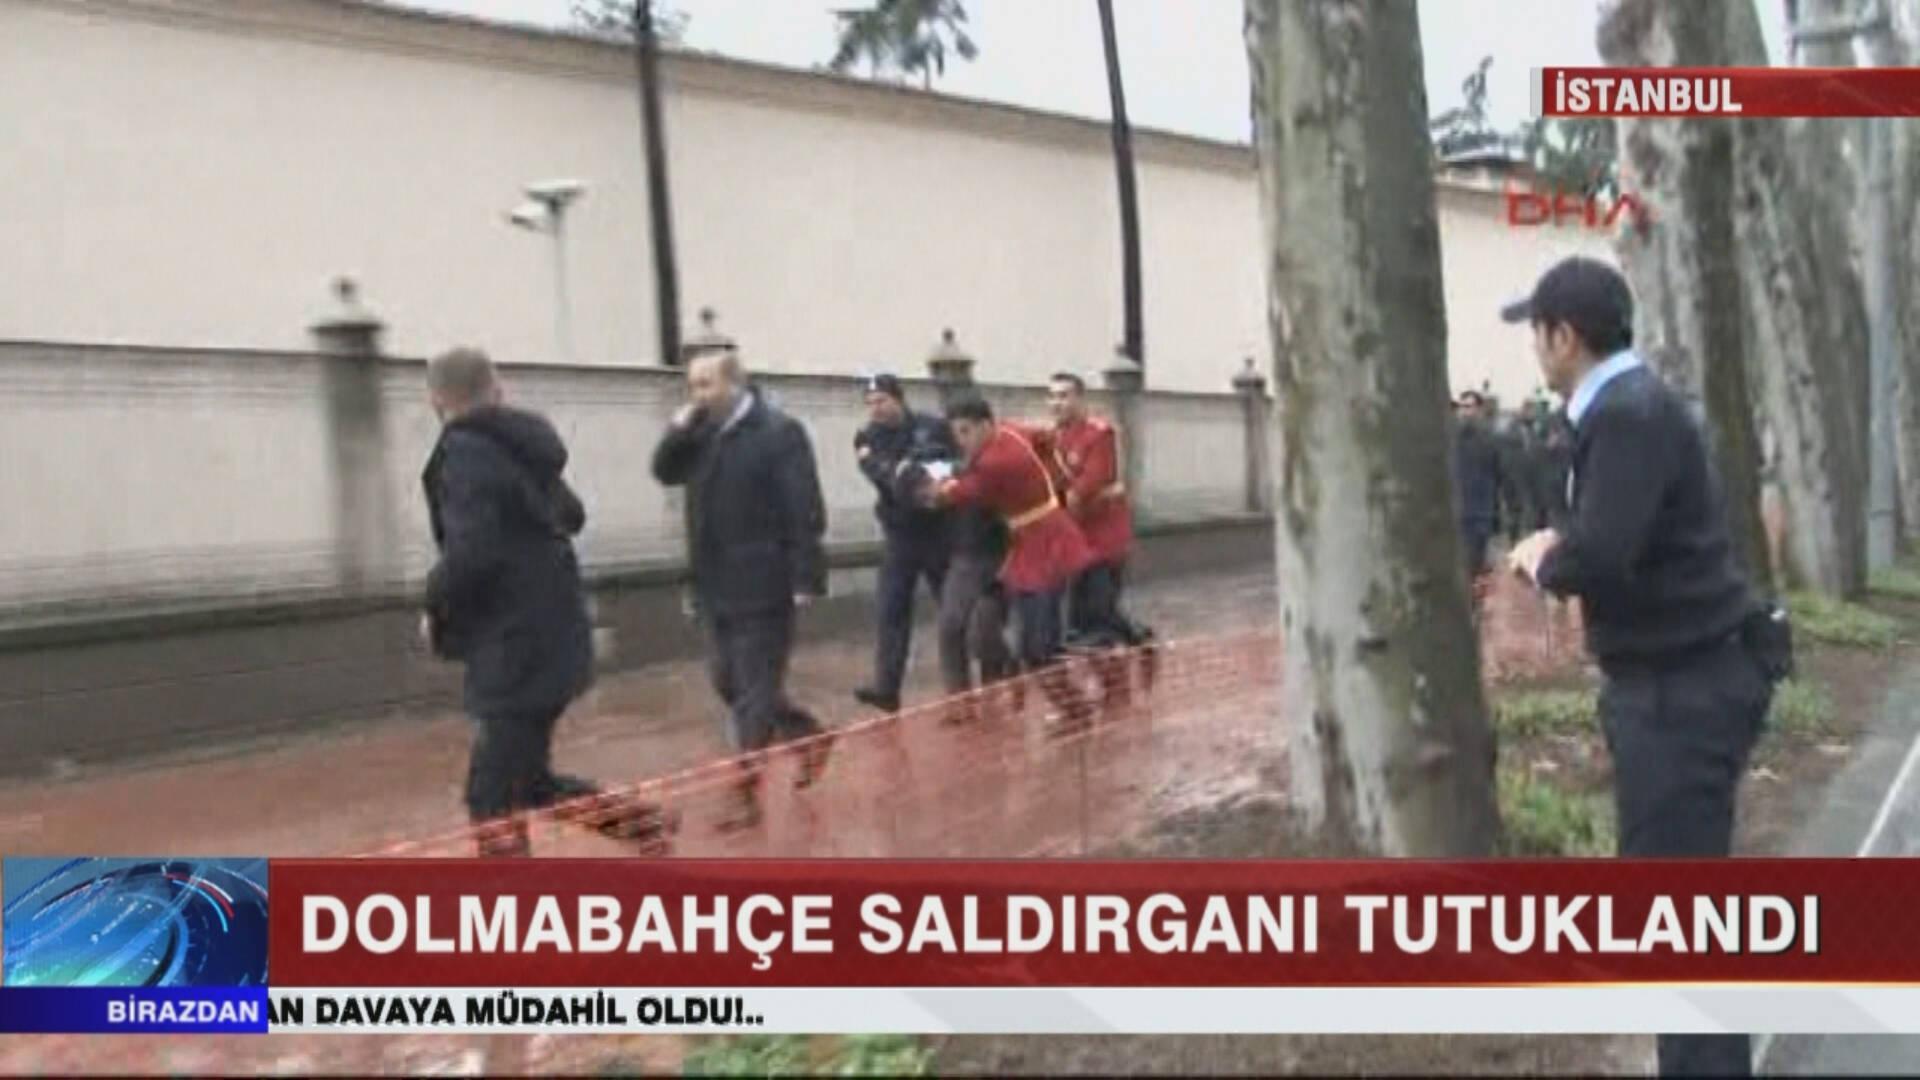 Dolmabahçe Sarayı'na Saldırı Düzenleyen Kişi Tutuklandı!